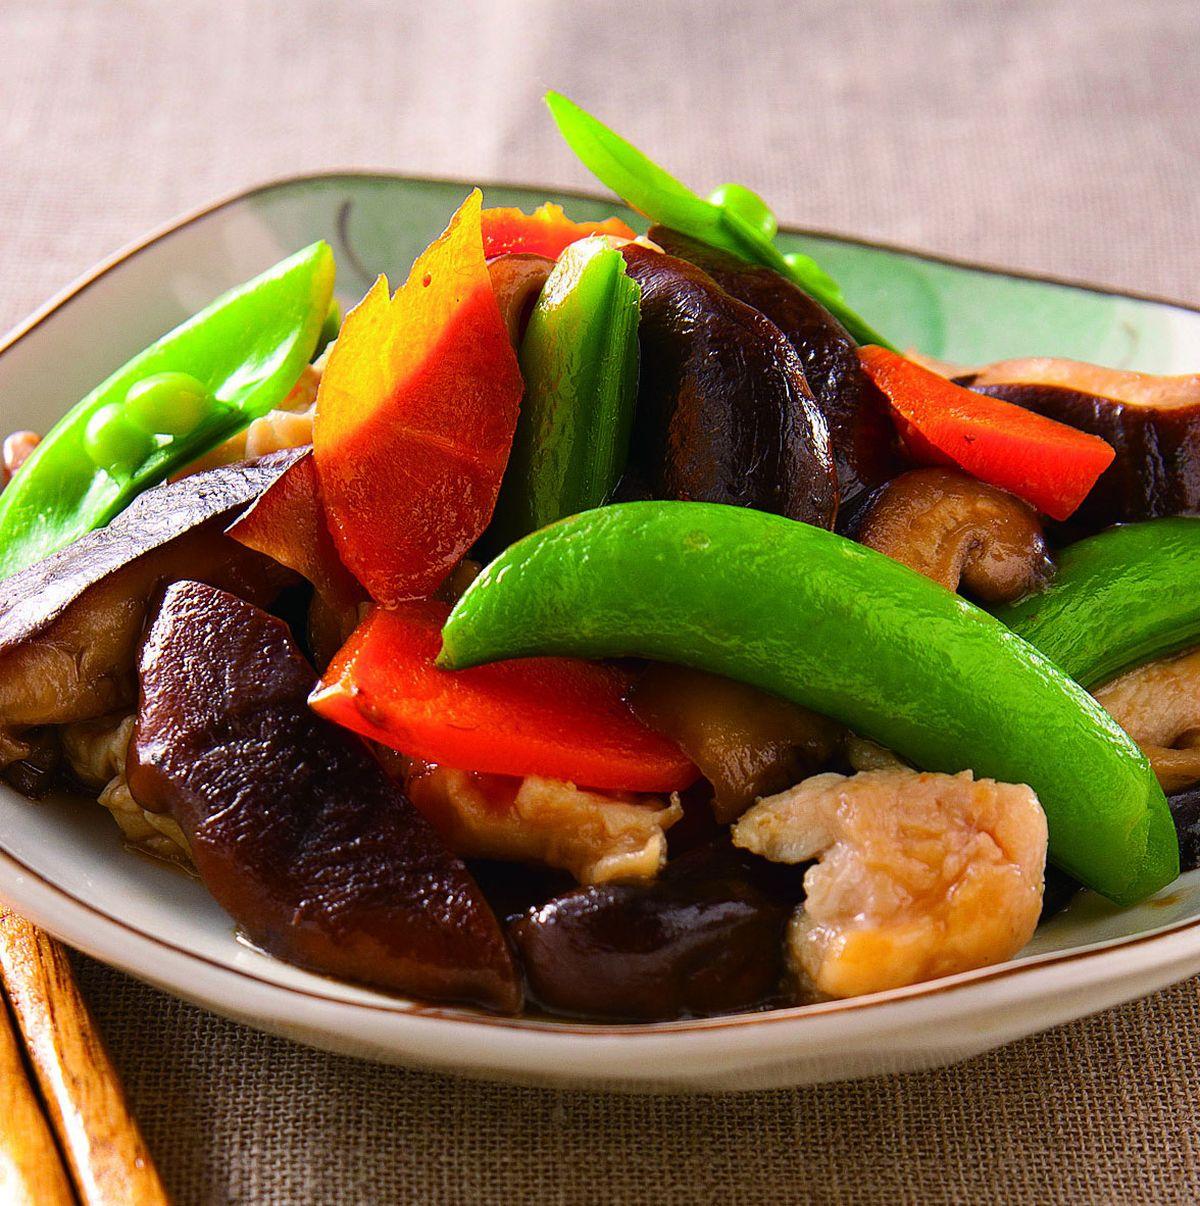 香菇鸡片炒蚝油发黄豆苗图片